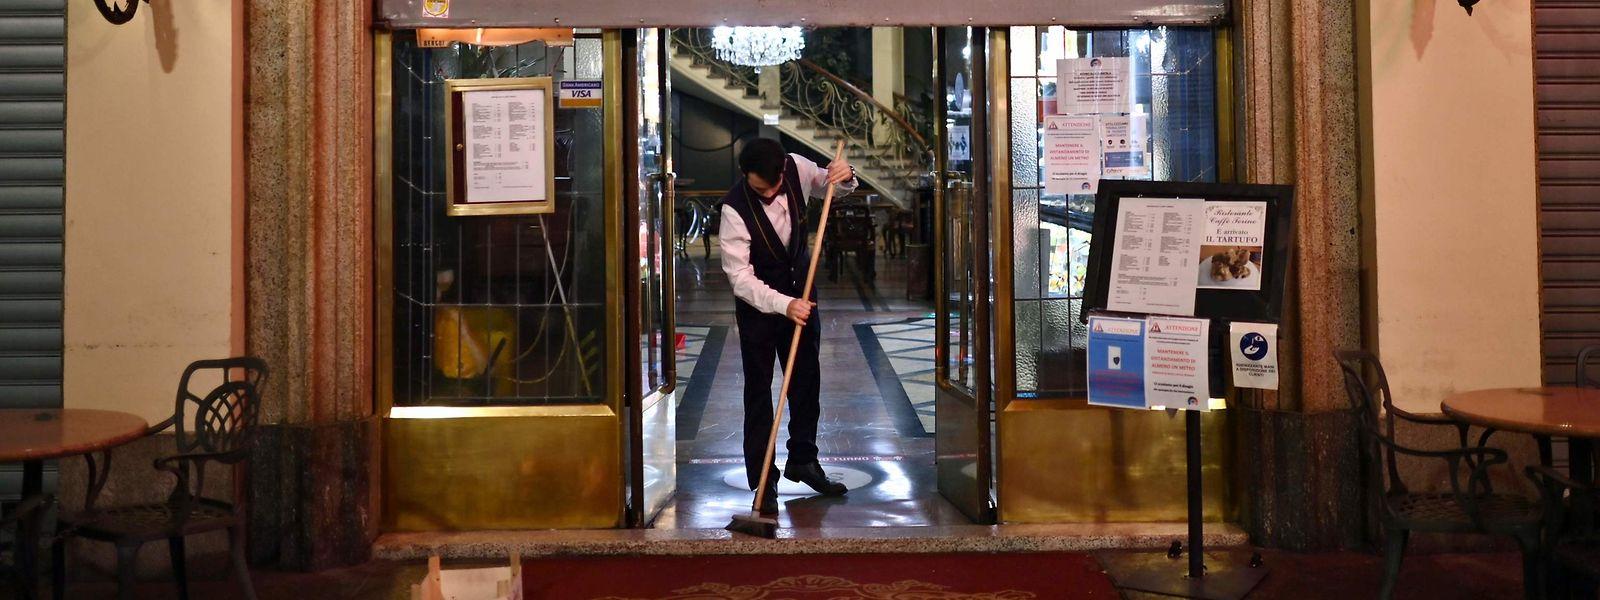 In Italien müssen Restaurants und Cafés (im Bild Turin) bereits um 18 Uhr schließen.